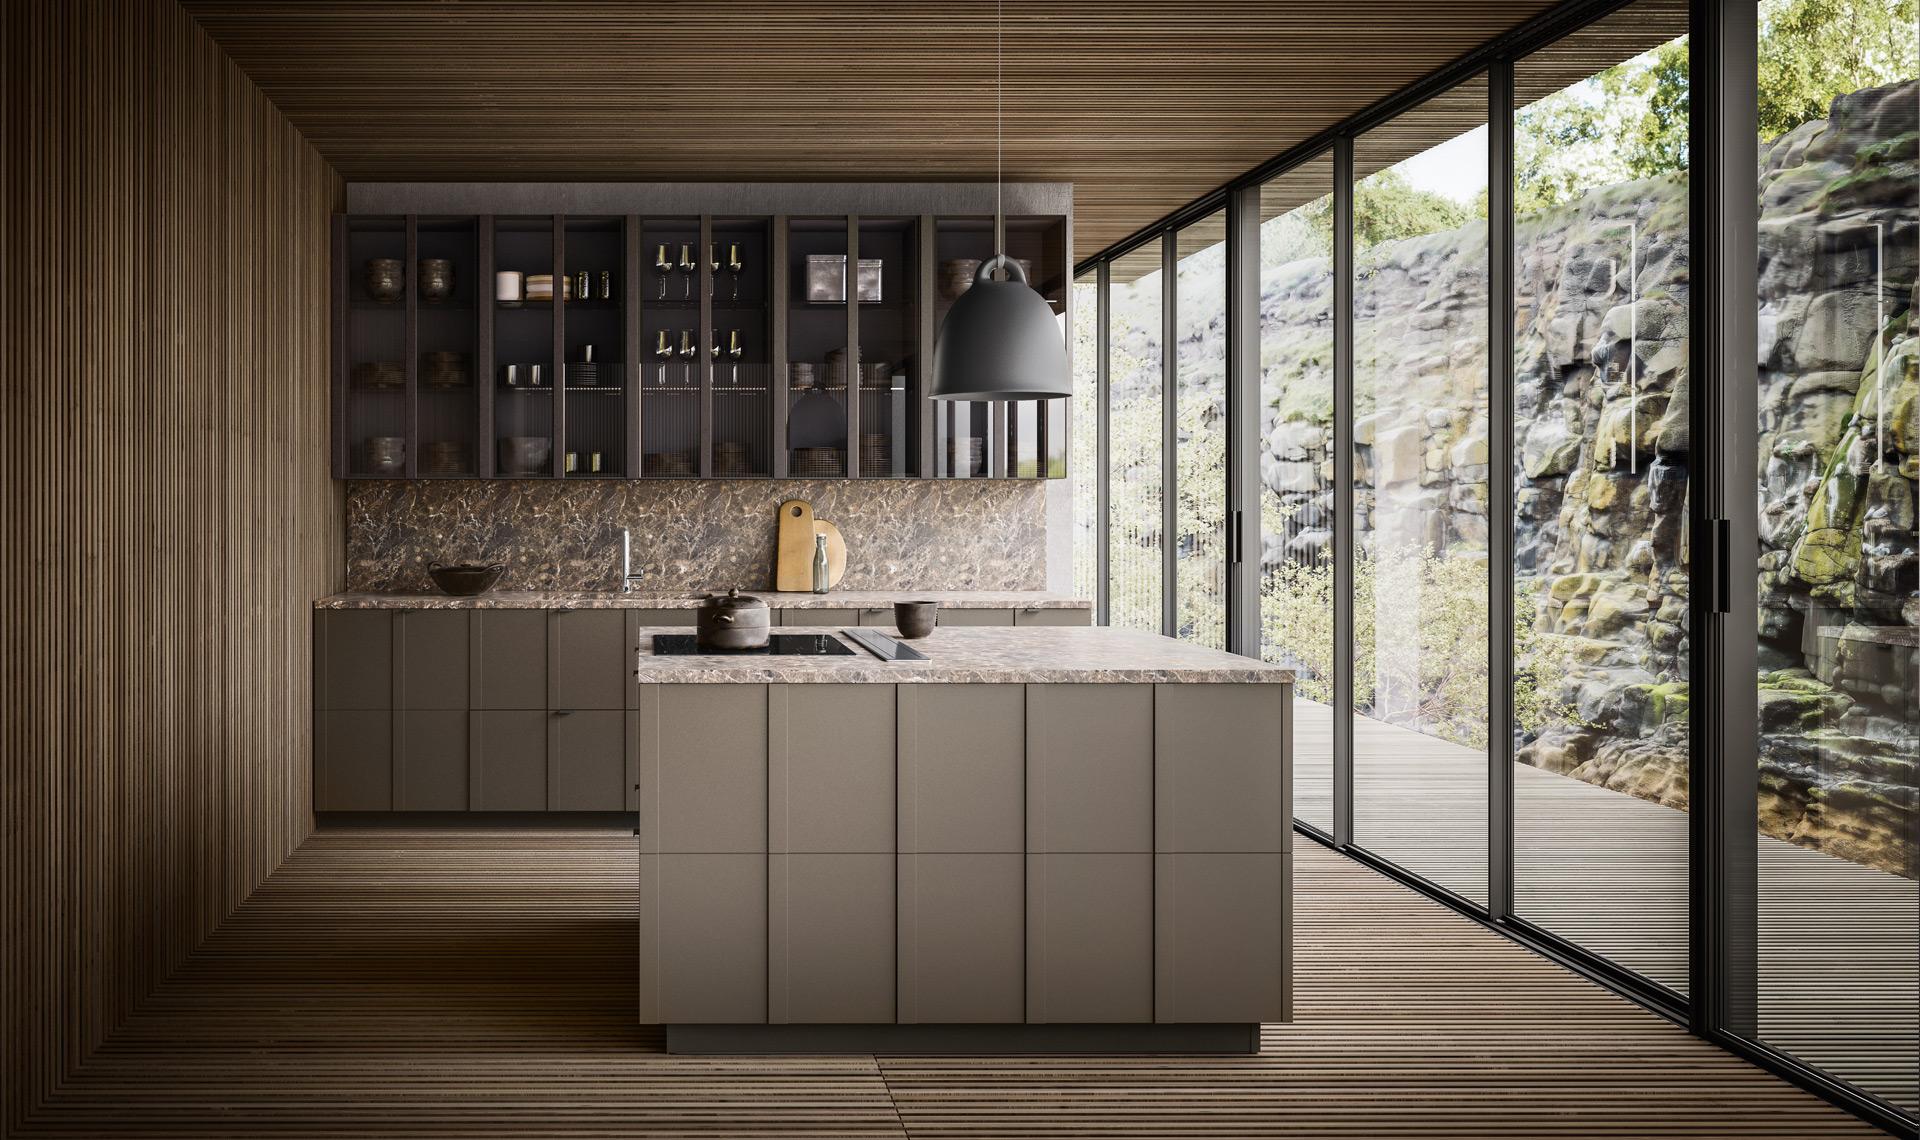 Cucine Moderne Home : Valdesign realizza cucine moderne di alta